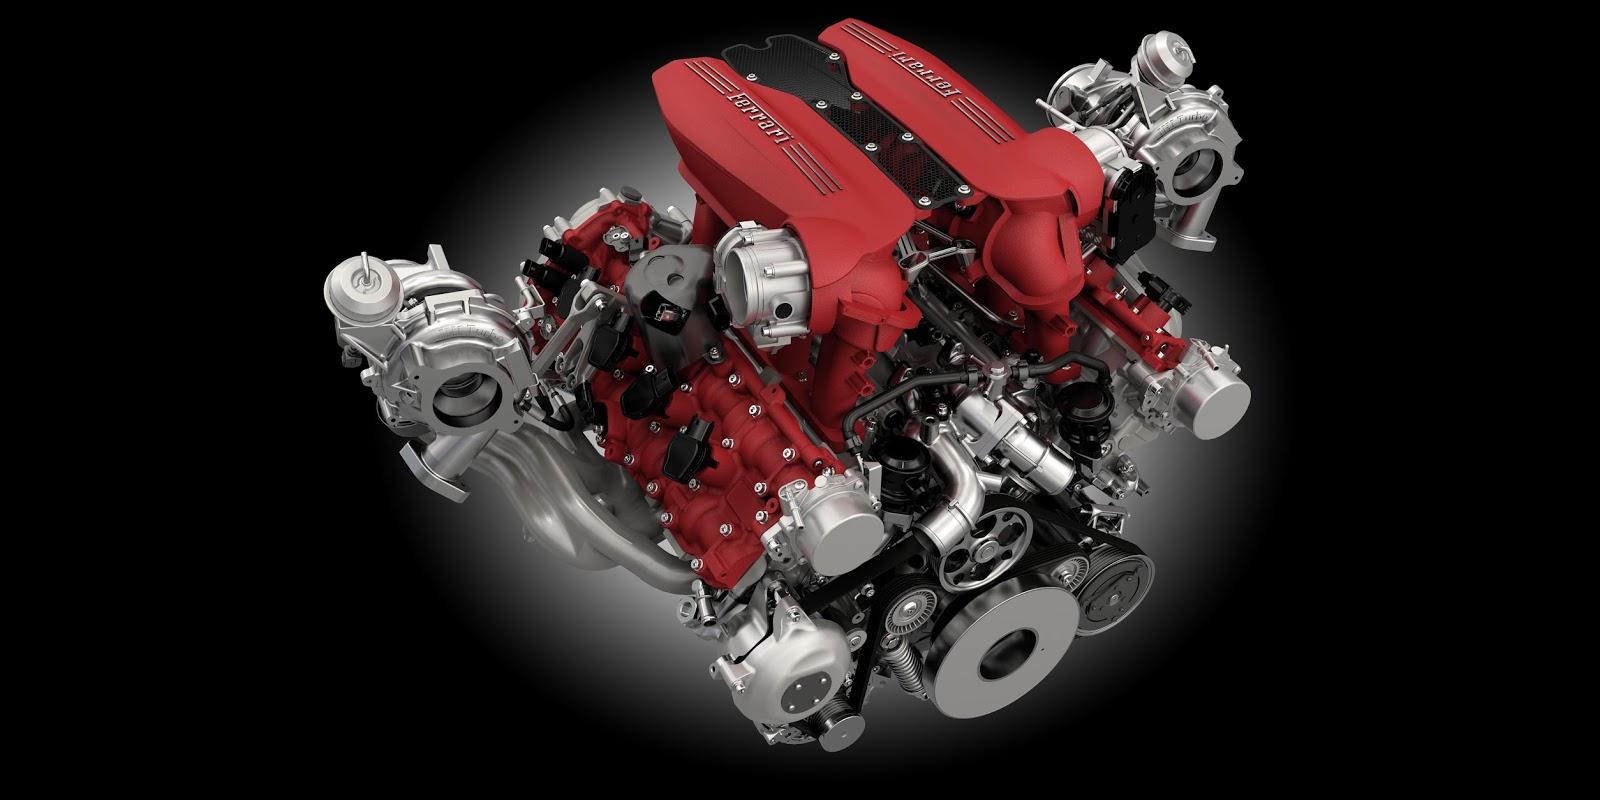 488 Ferrari 488 GTB: ταχύτατους γύρους στην πίστα για τον επαγγελματία οδηγό, συναρπαστική ακόμα και για τον μέσο οδηγό στο δρόμο 488 GTB, Ferrari, Ferrari 488 GTB, SSC2, supercars, videos, zblog